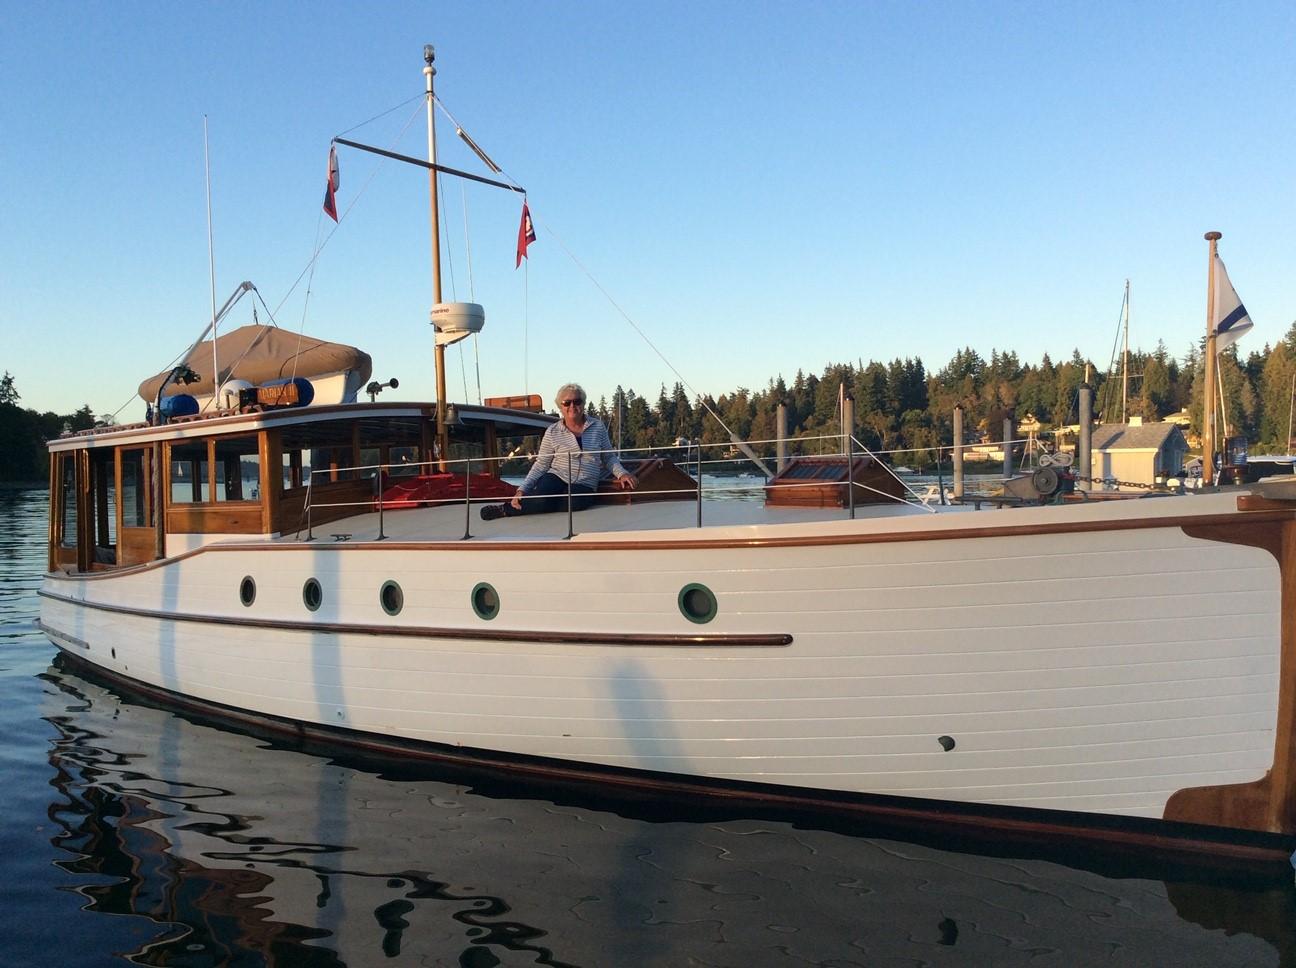 Marian II - owned by Diane Lander